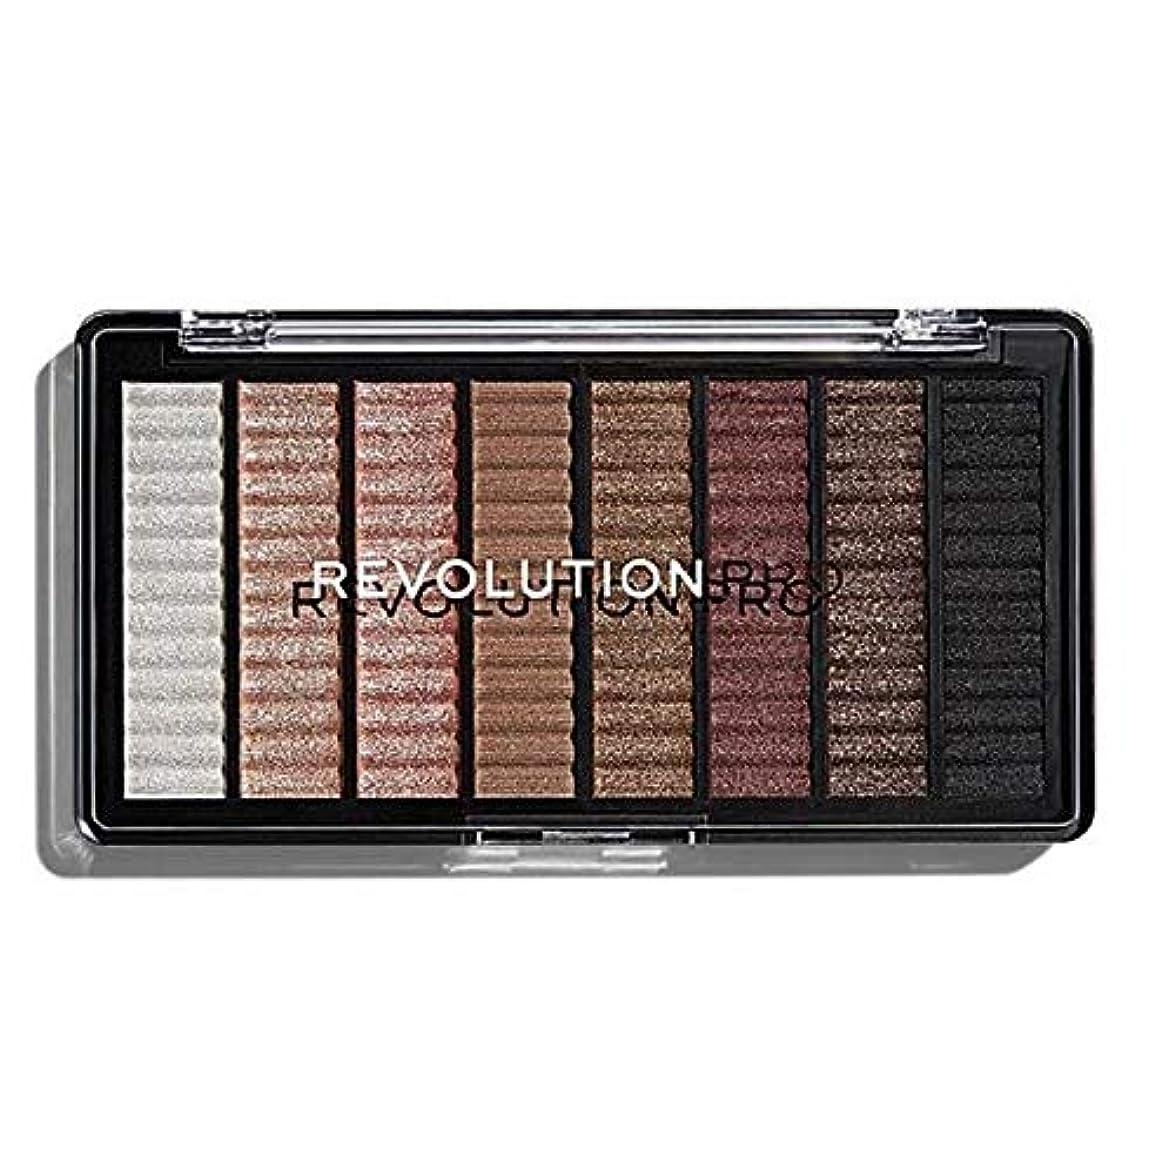 キャンディー私のライナー[Revolution ] 革命プロ最高のCaptivateアイシャドウパレット - Revolution Pro Supreme Captivate Eye Shadow Palette [並行輸入品]